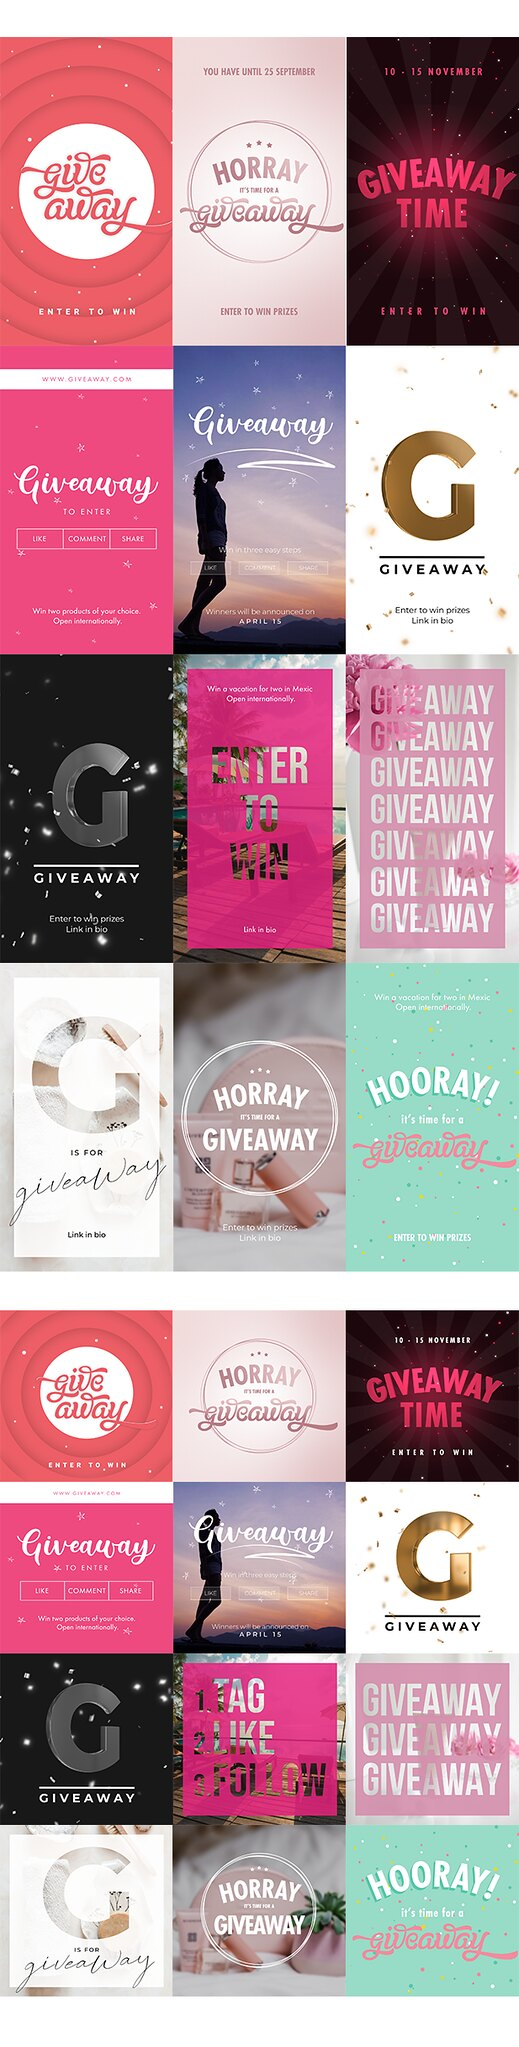 Instagram Giveaway - 3